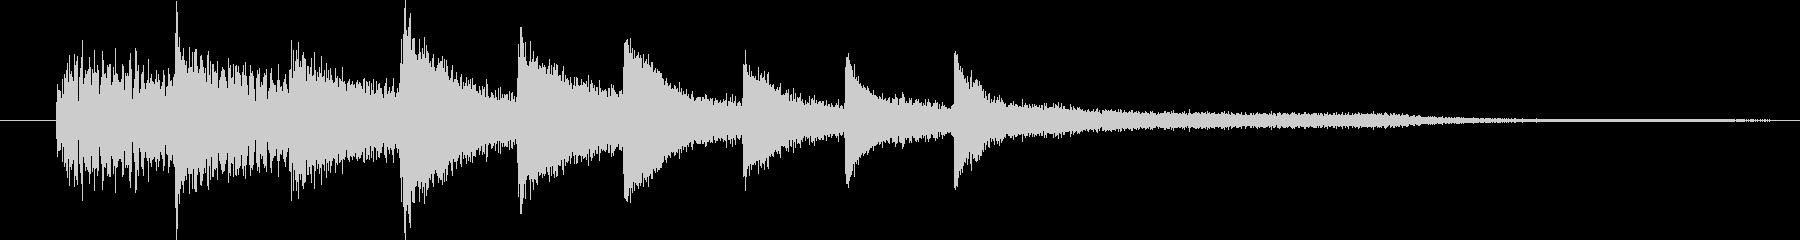 ピアノ転回音3の未再生の波形